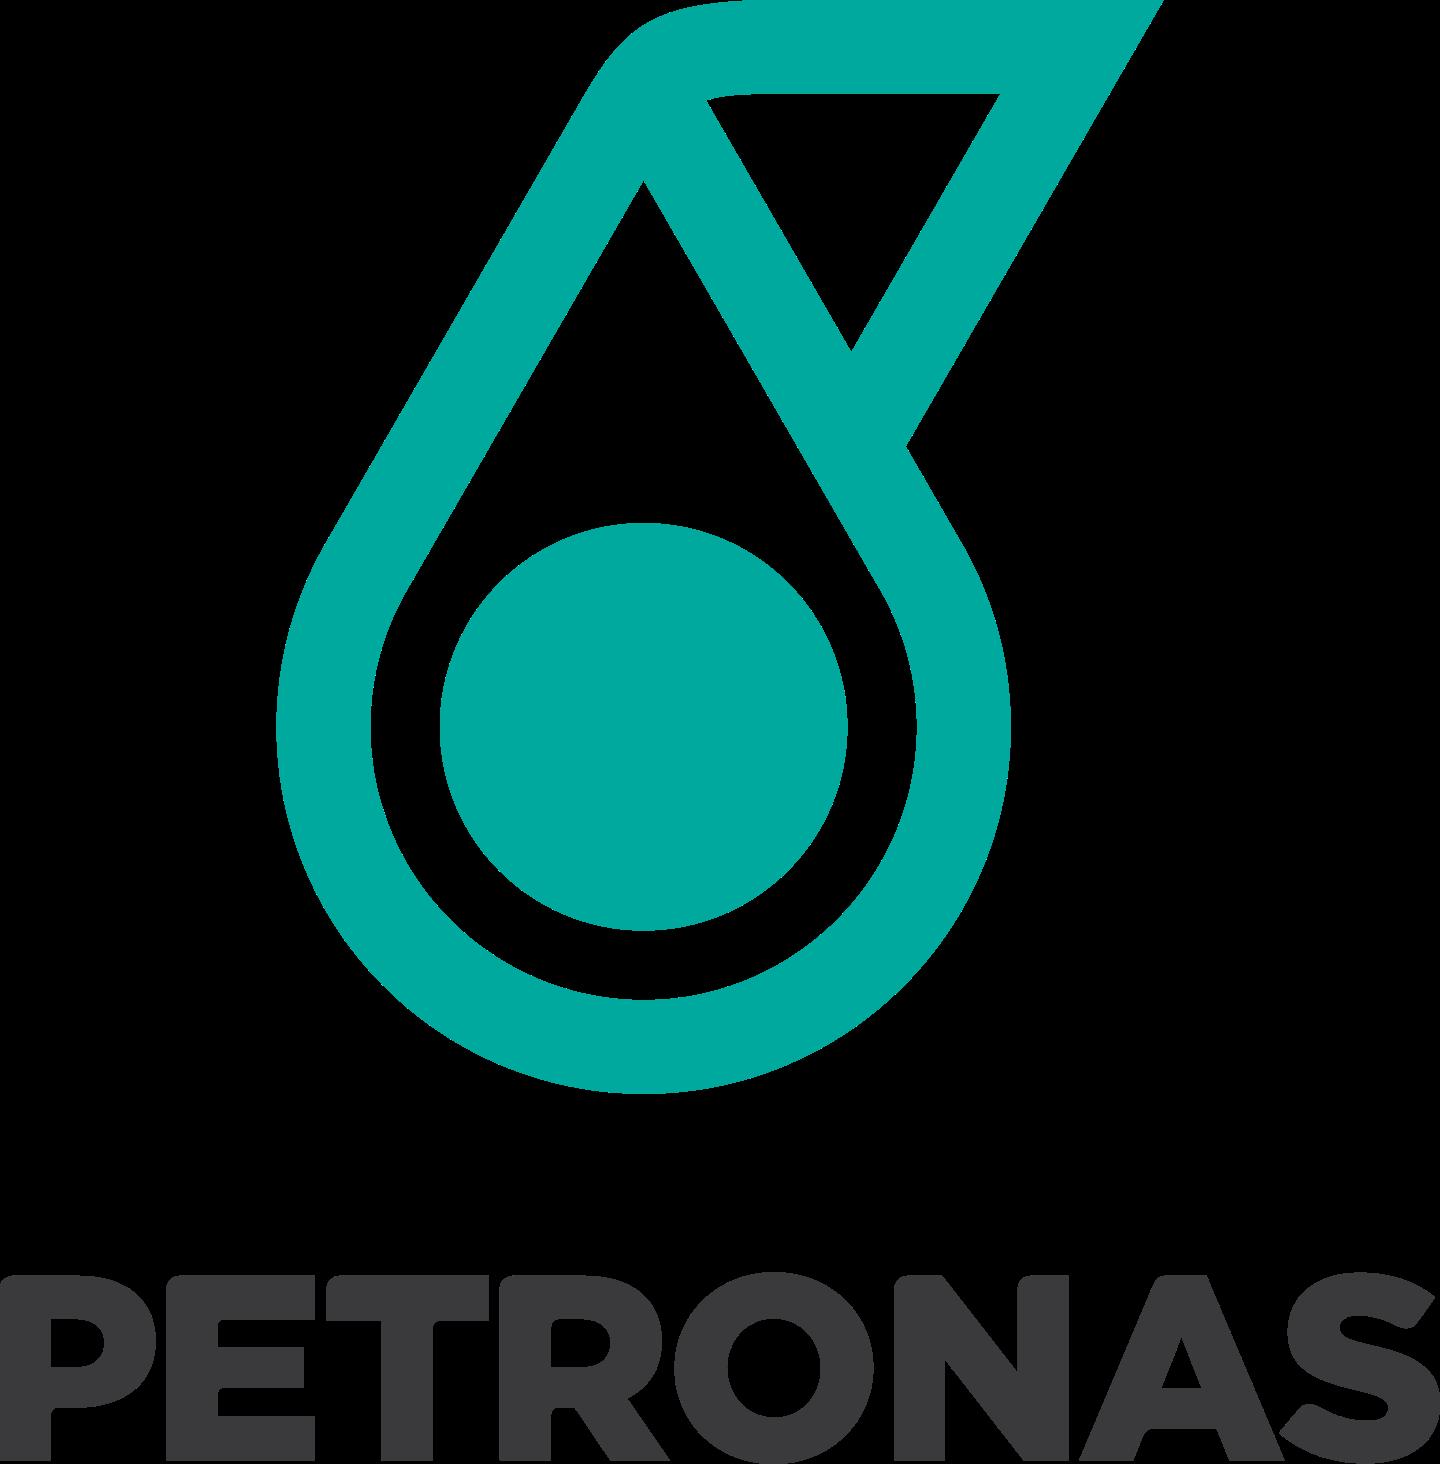 petronas logo 3 1 - Petronas Logo